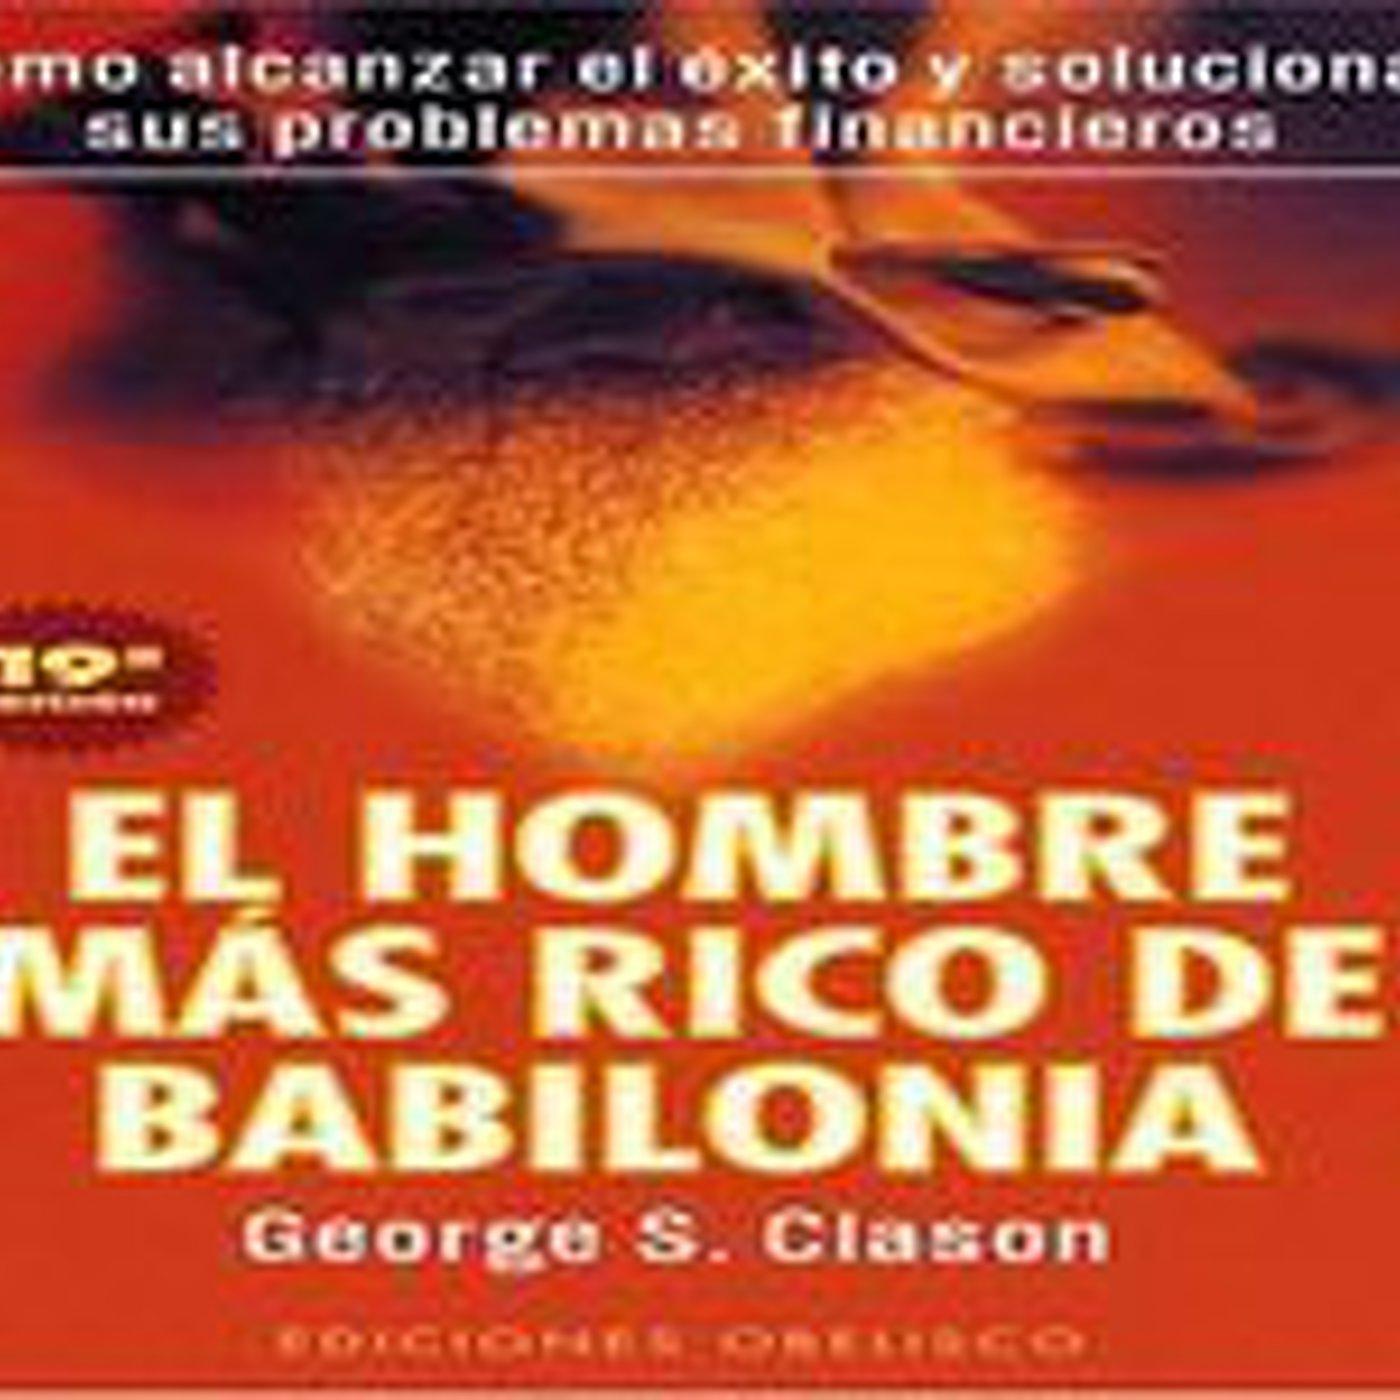 Audiolibro: El hombre mas rico de babilonia - George S. Clason en  AUDIOLIBROS: ECONOMÍA Y FINANZAS en mp3(26/03 a las 20:24:46) 04:06:09  4269728 - iVoox